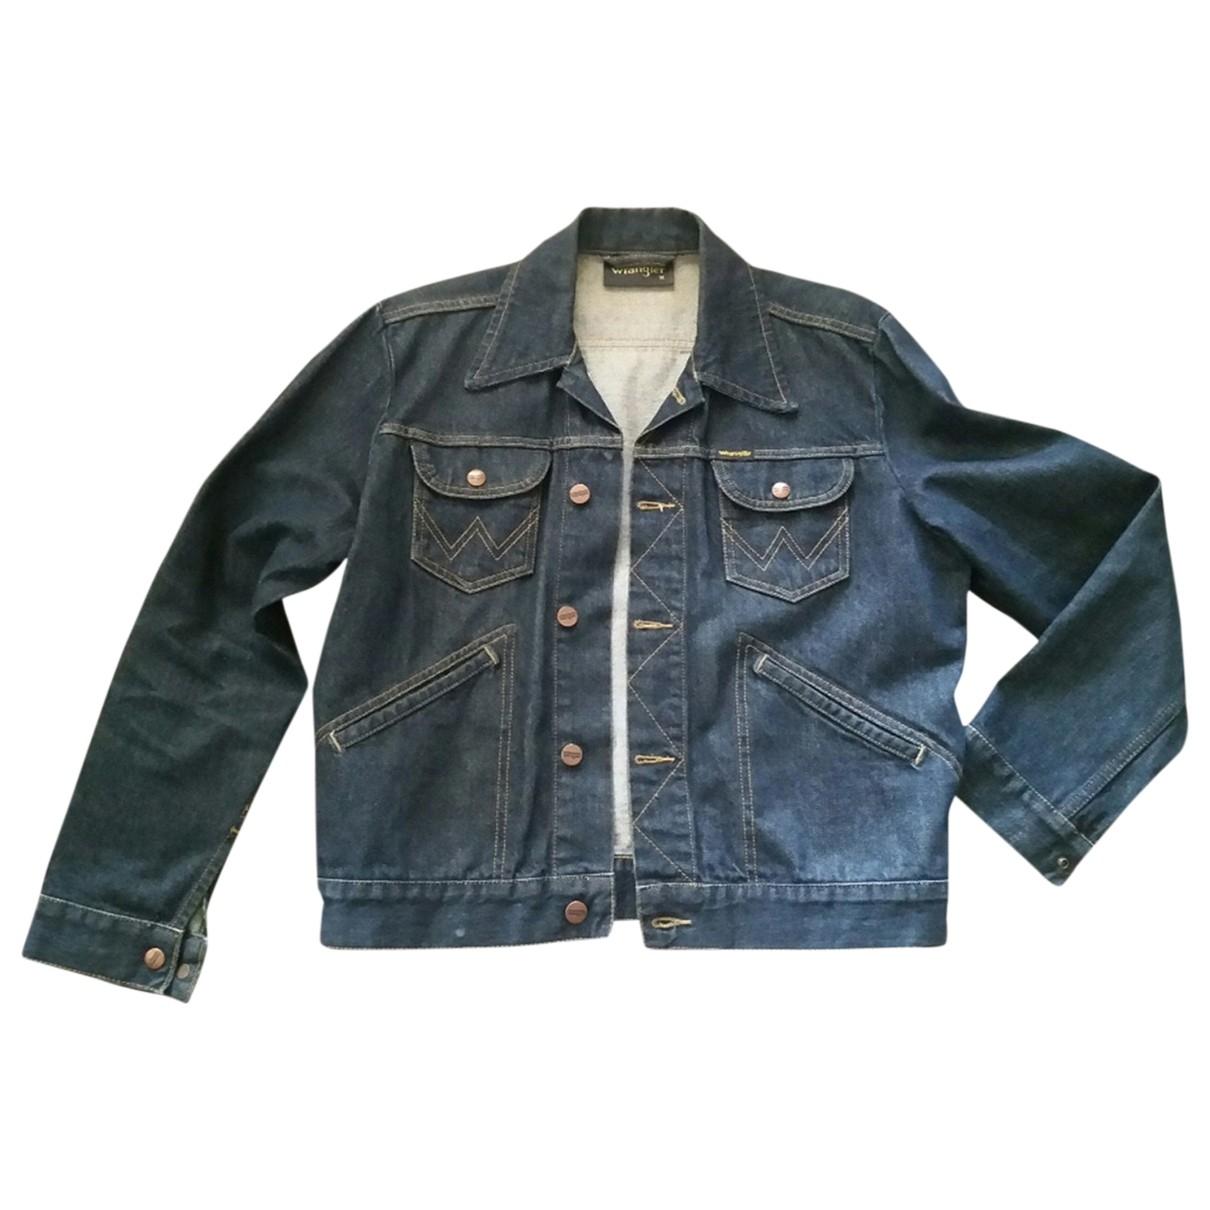 Wrangler \N Blue Denim - Jeans jacket for Women M International